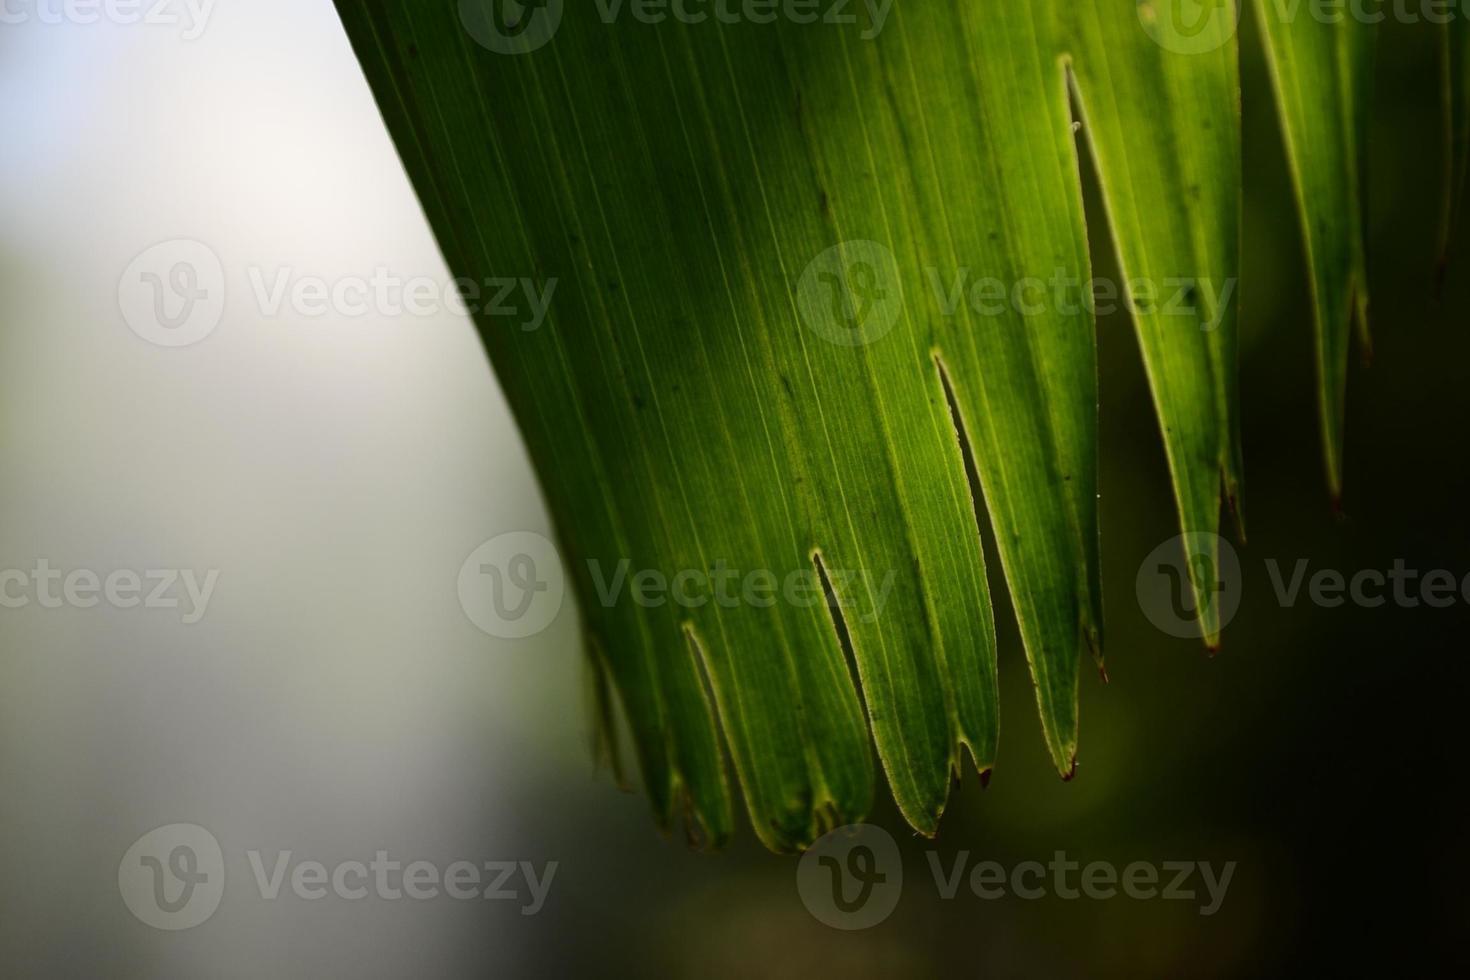 la pianta foto